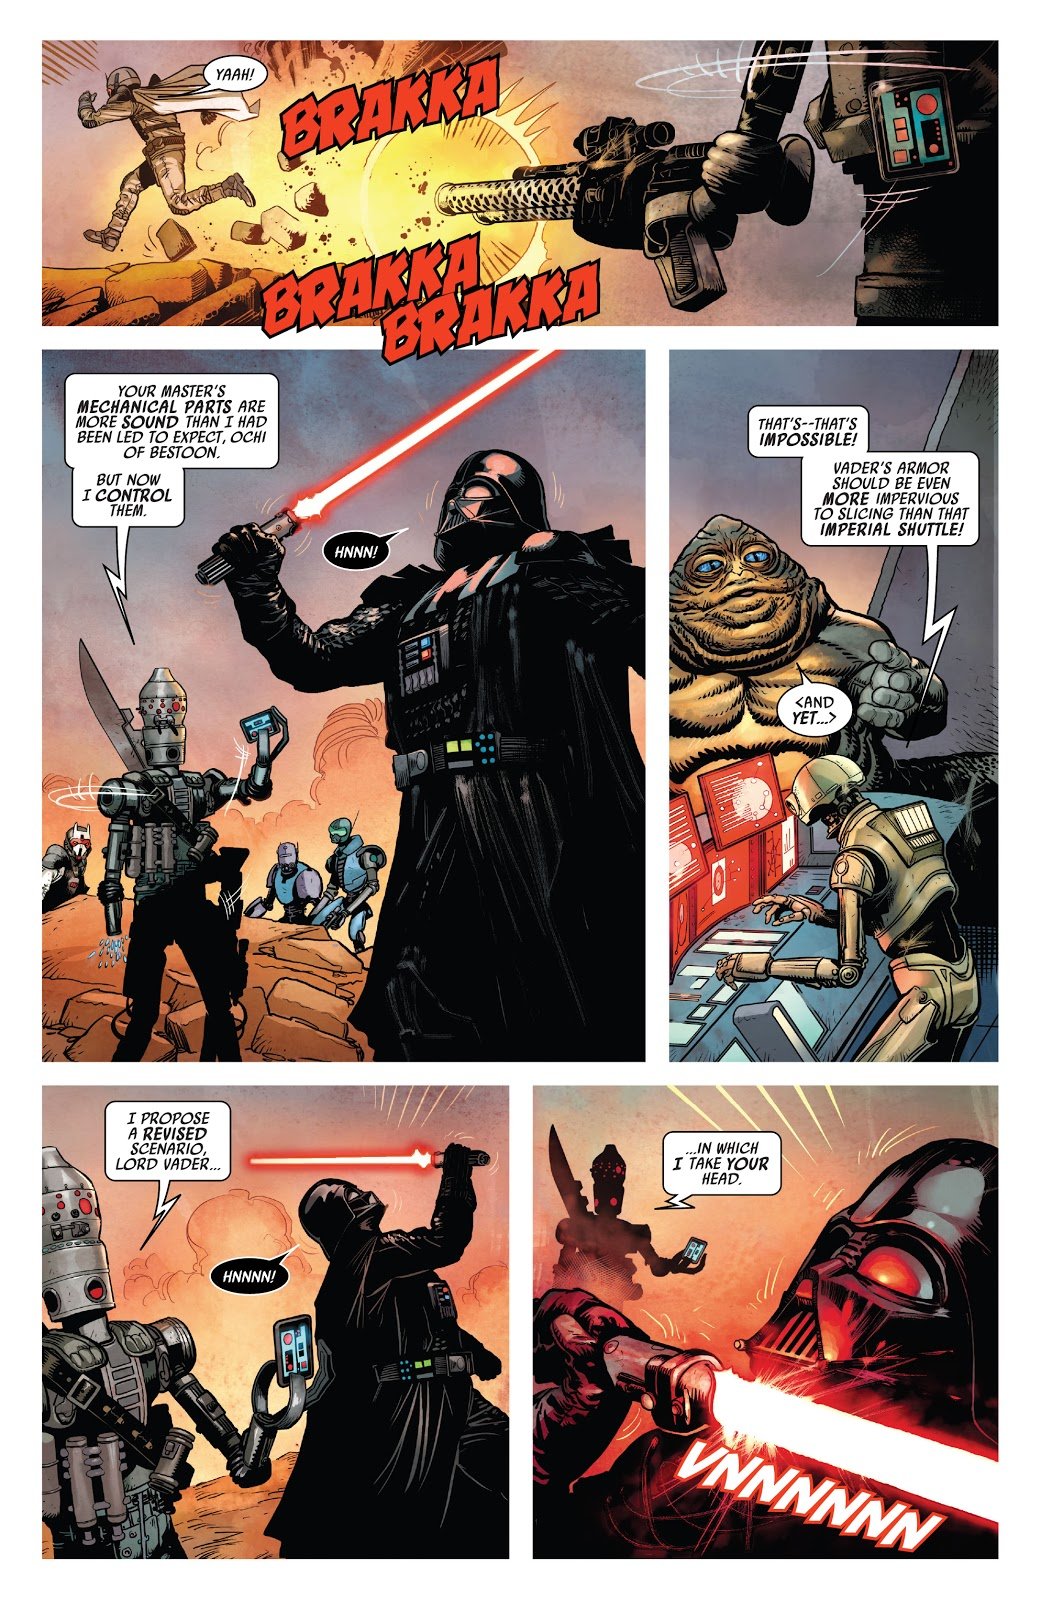 Darth Vader VS IG-88